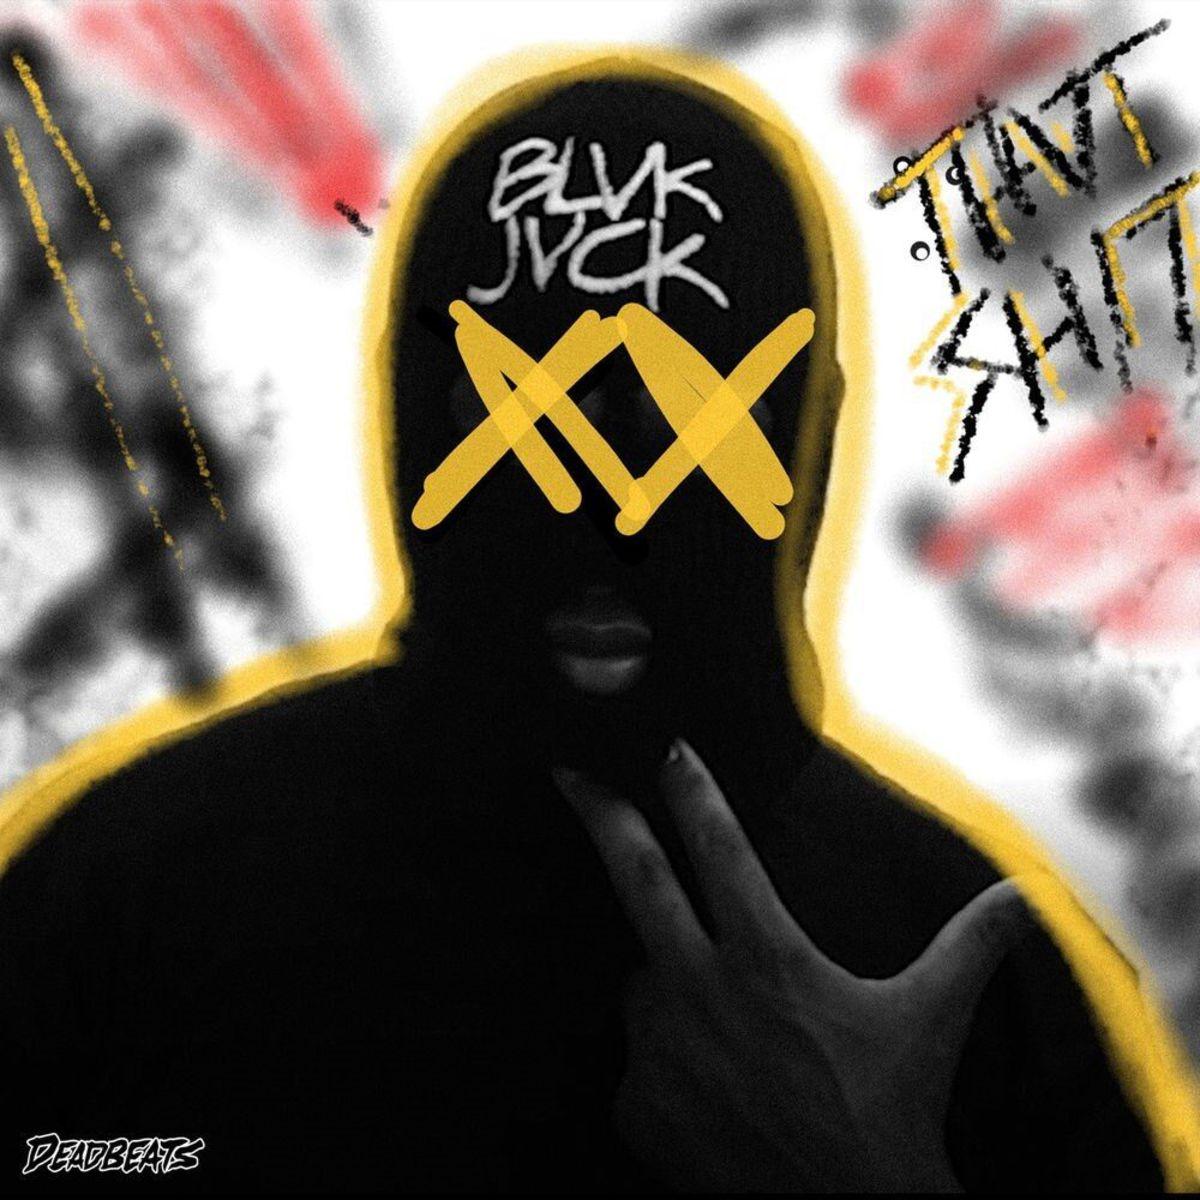 BLVK JVCK THVT SHIT Album Artwork